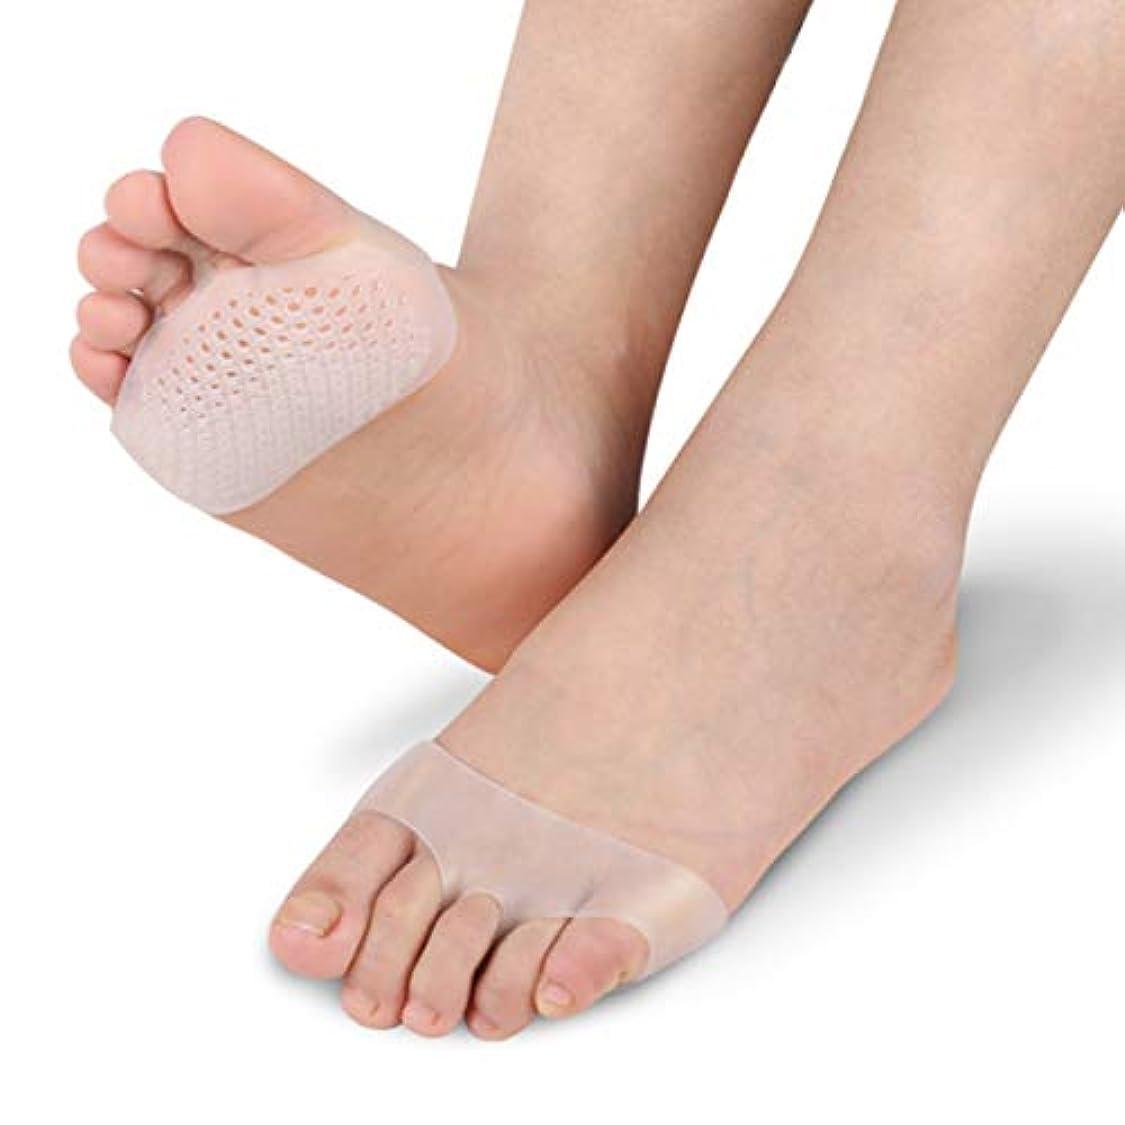 引退するメイン症候群DeeploveUU 通気性ソフトシリコーン女性インソールパッド滑り止め快適な女性フロントフットケアクッションハイヒールの靴パッド